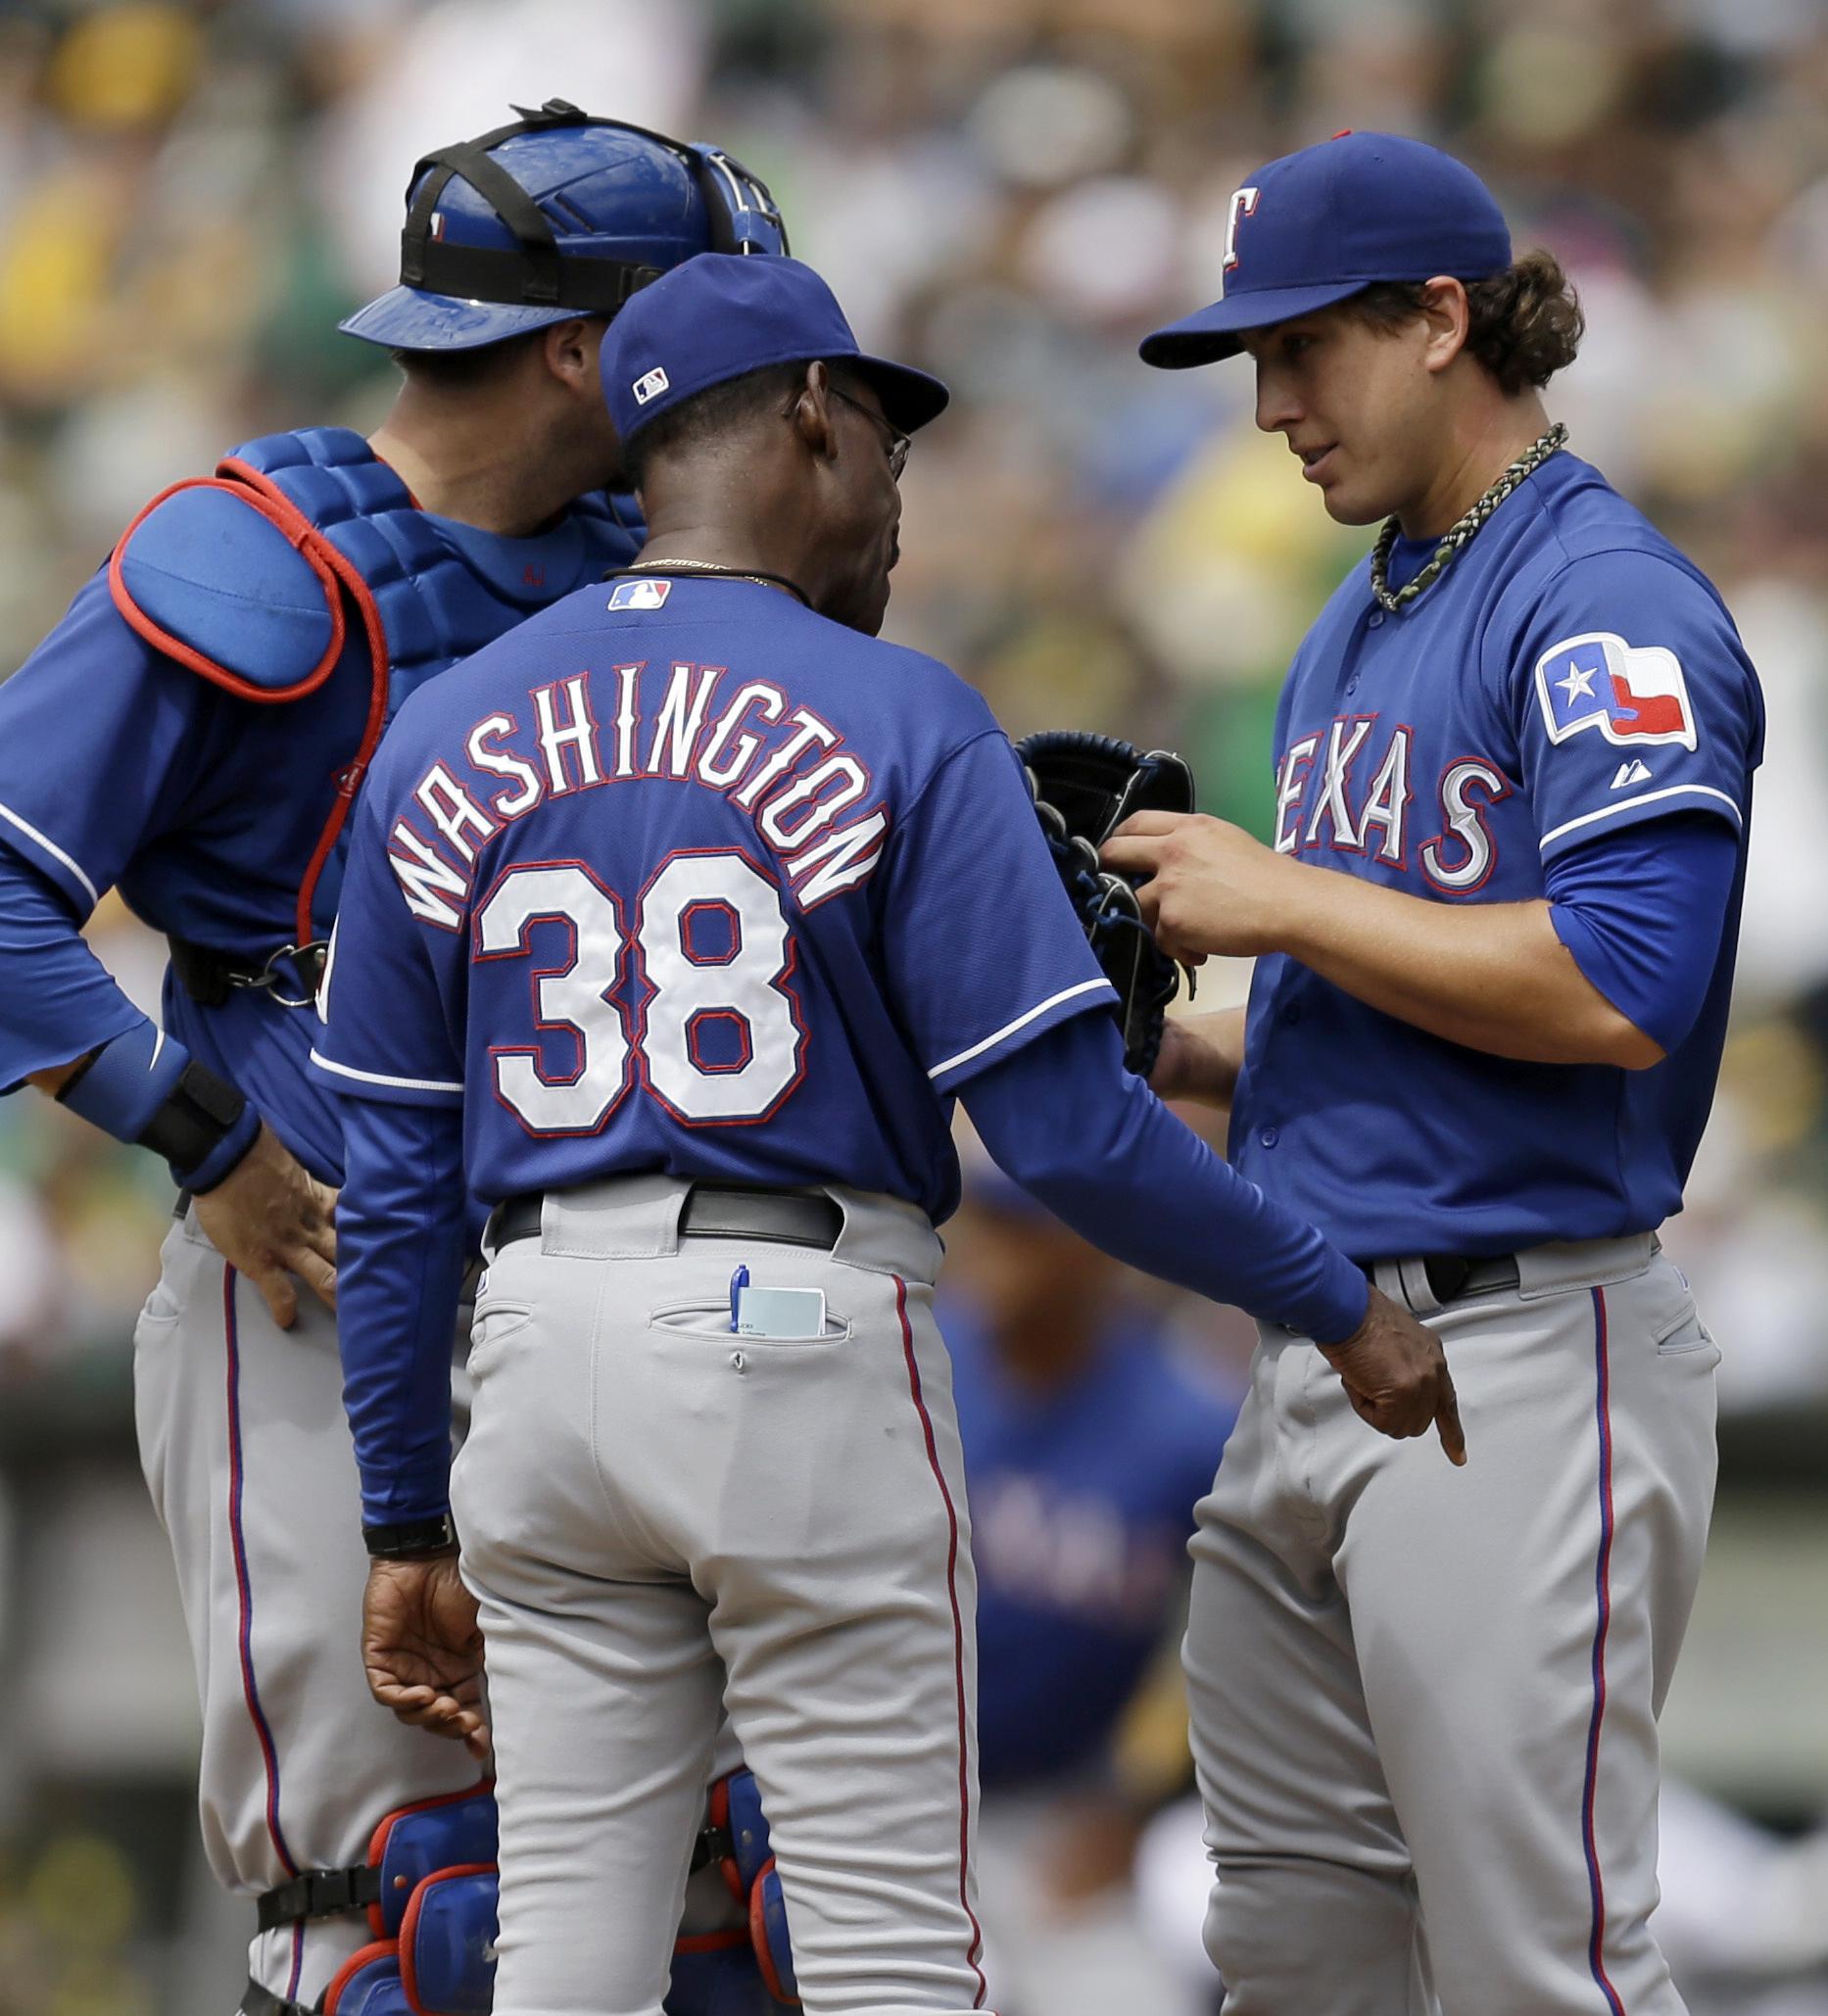 Athletics pull into tie with Texas atop AL West